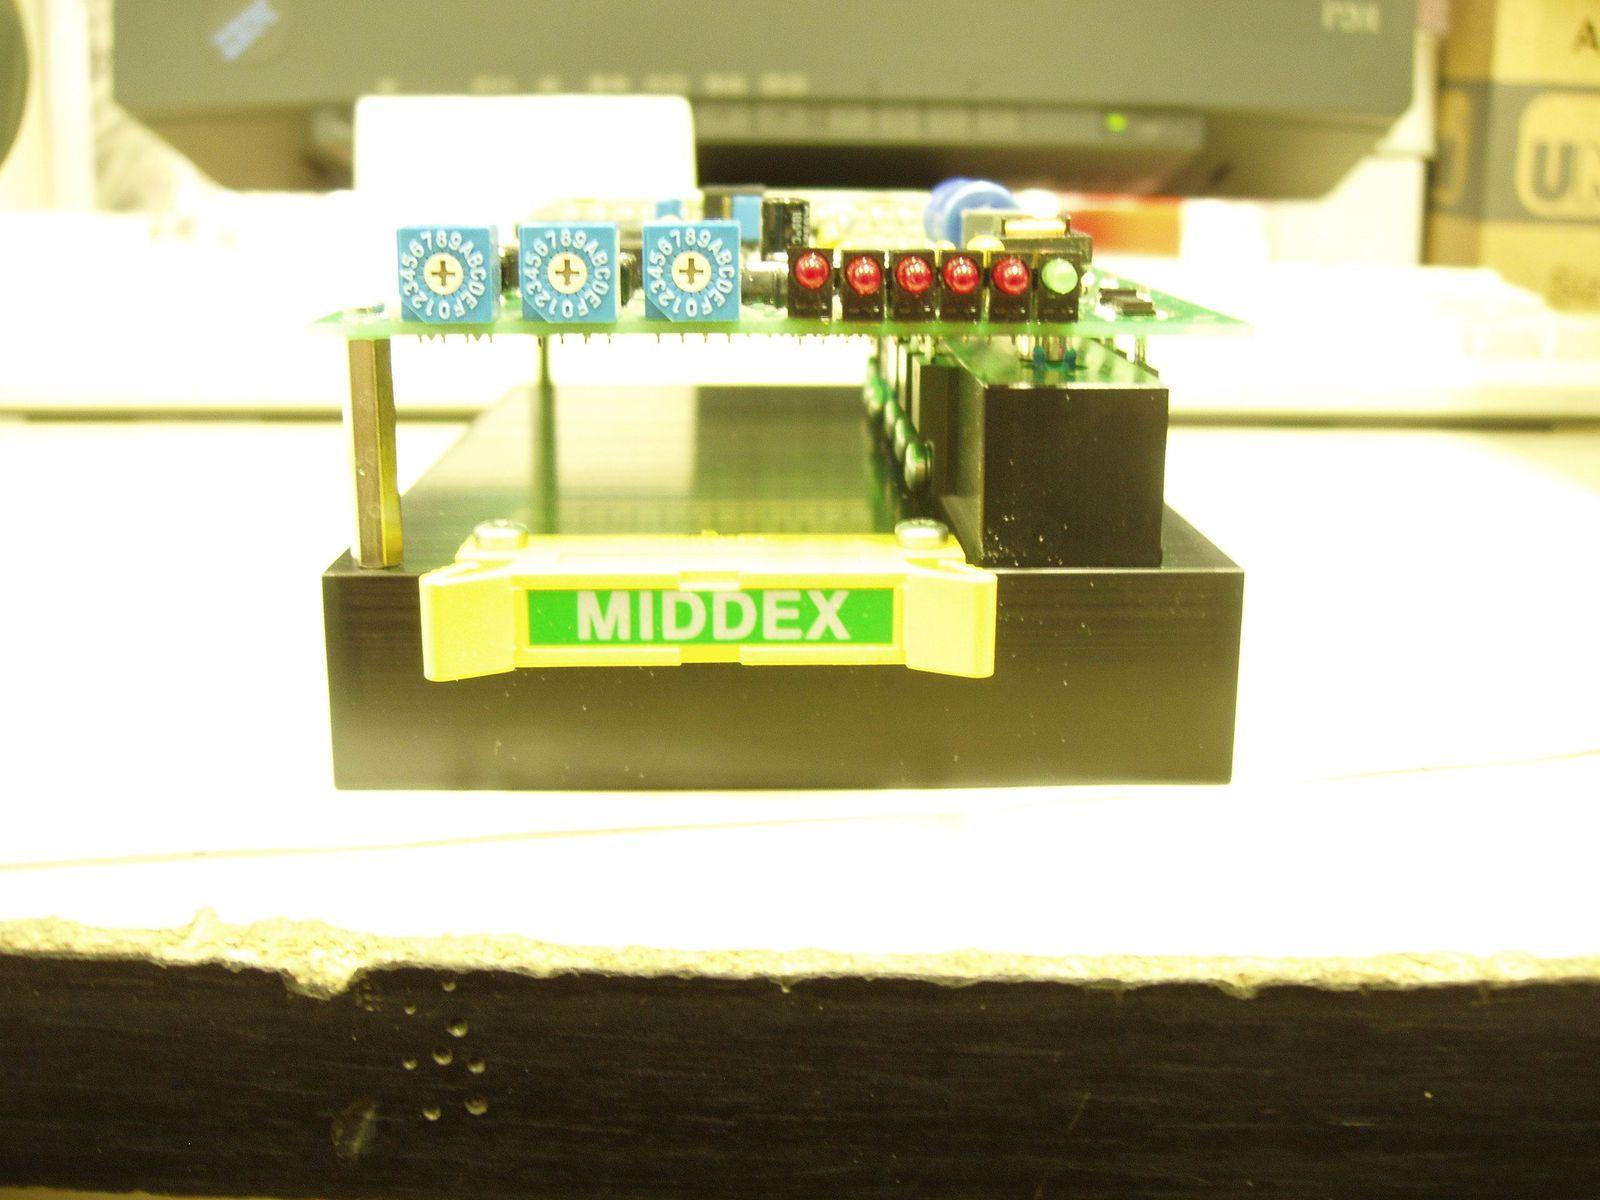 плата управления ШД Middex - 1 Trumpf trumatic (новая)